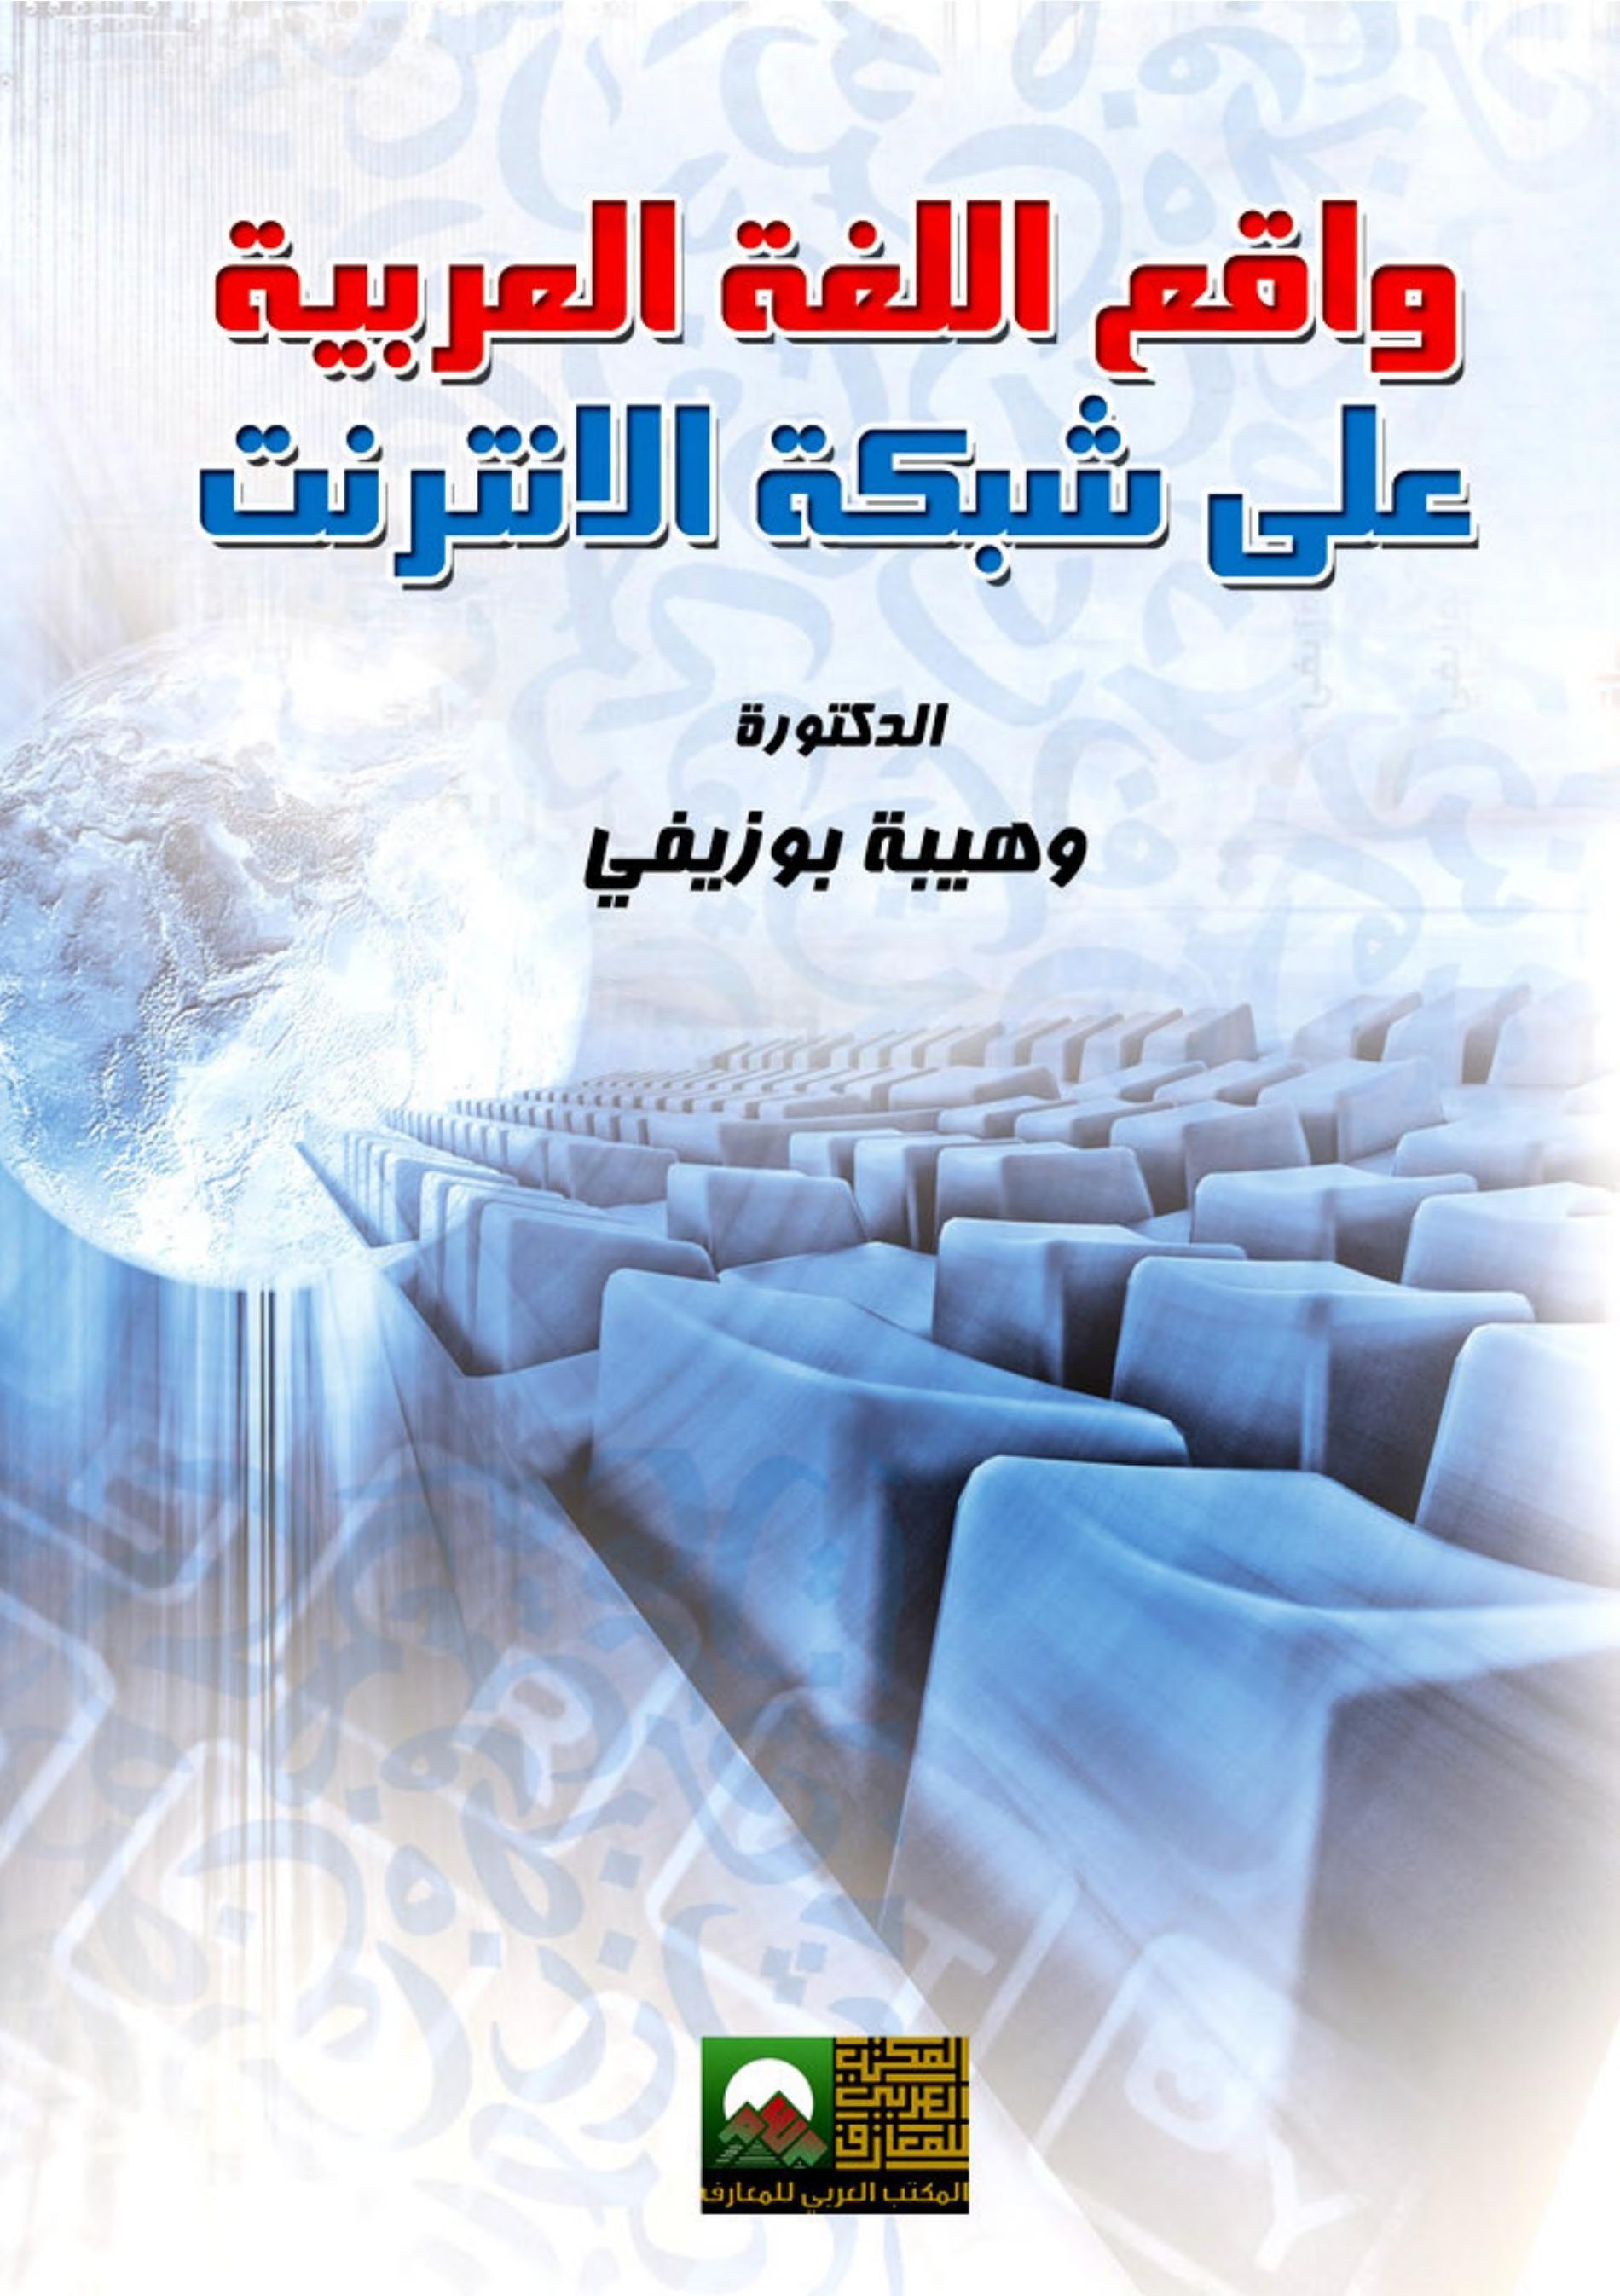 Pin By بشير هزرشي Karim On تحميل كتب مختارة